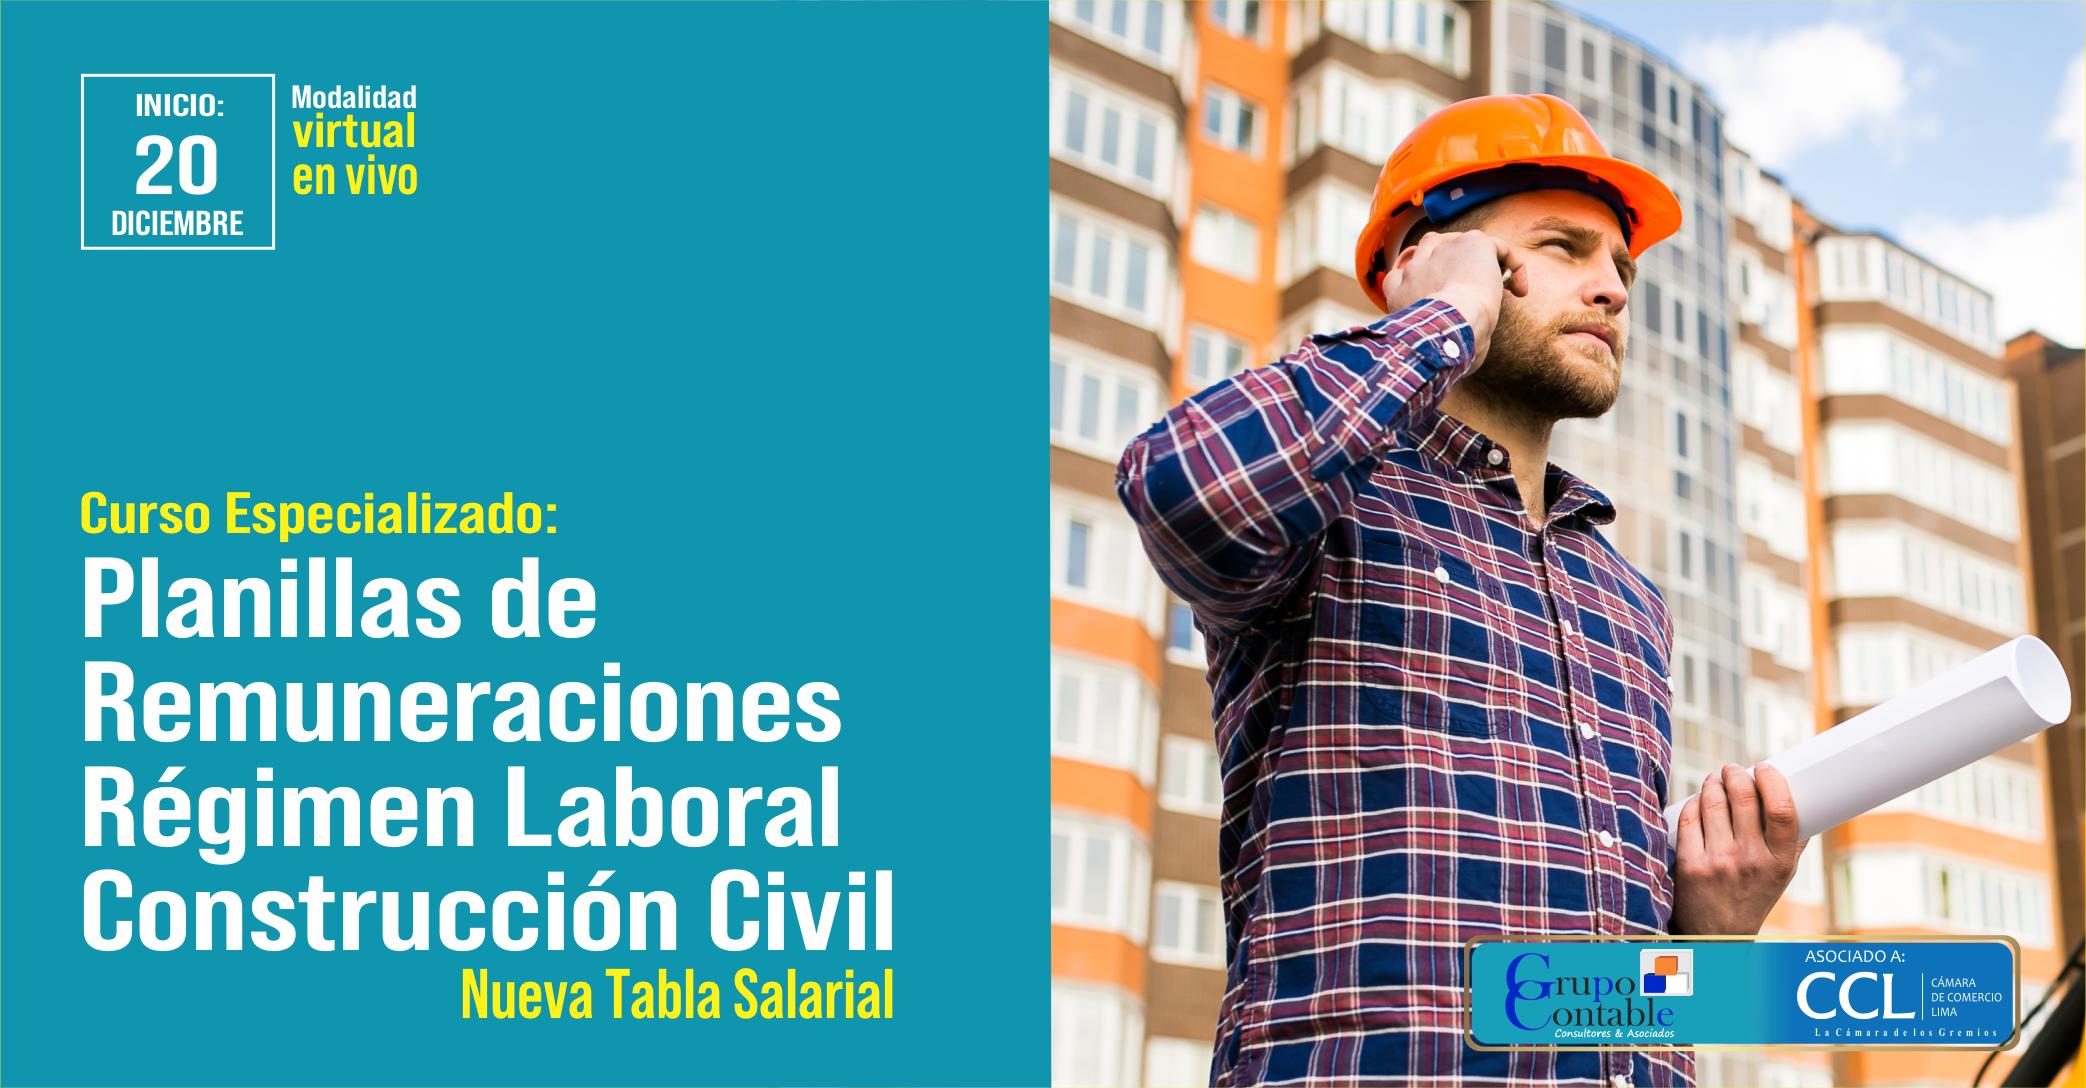 Curso Especializado en Planillas de Remuneraciones Régimen Laboral Construcción Civil